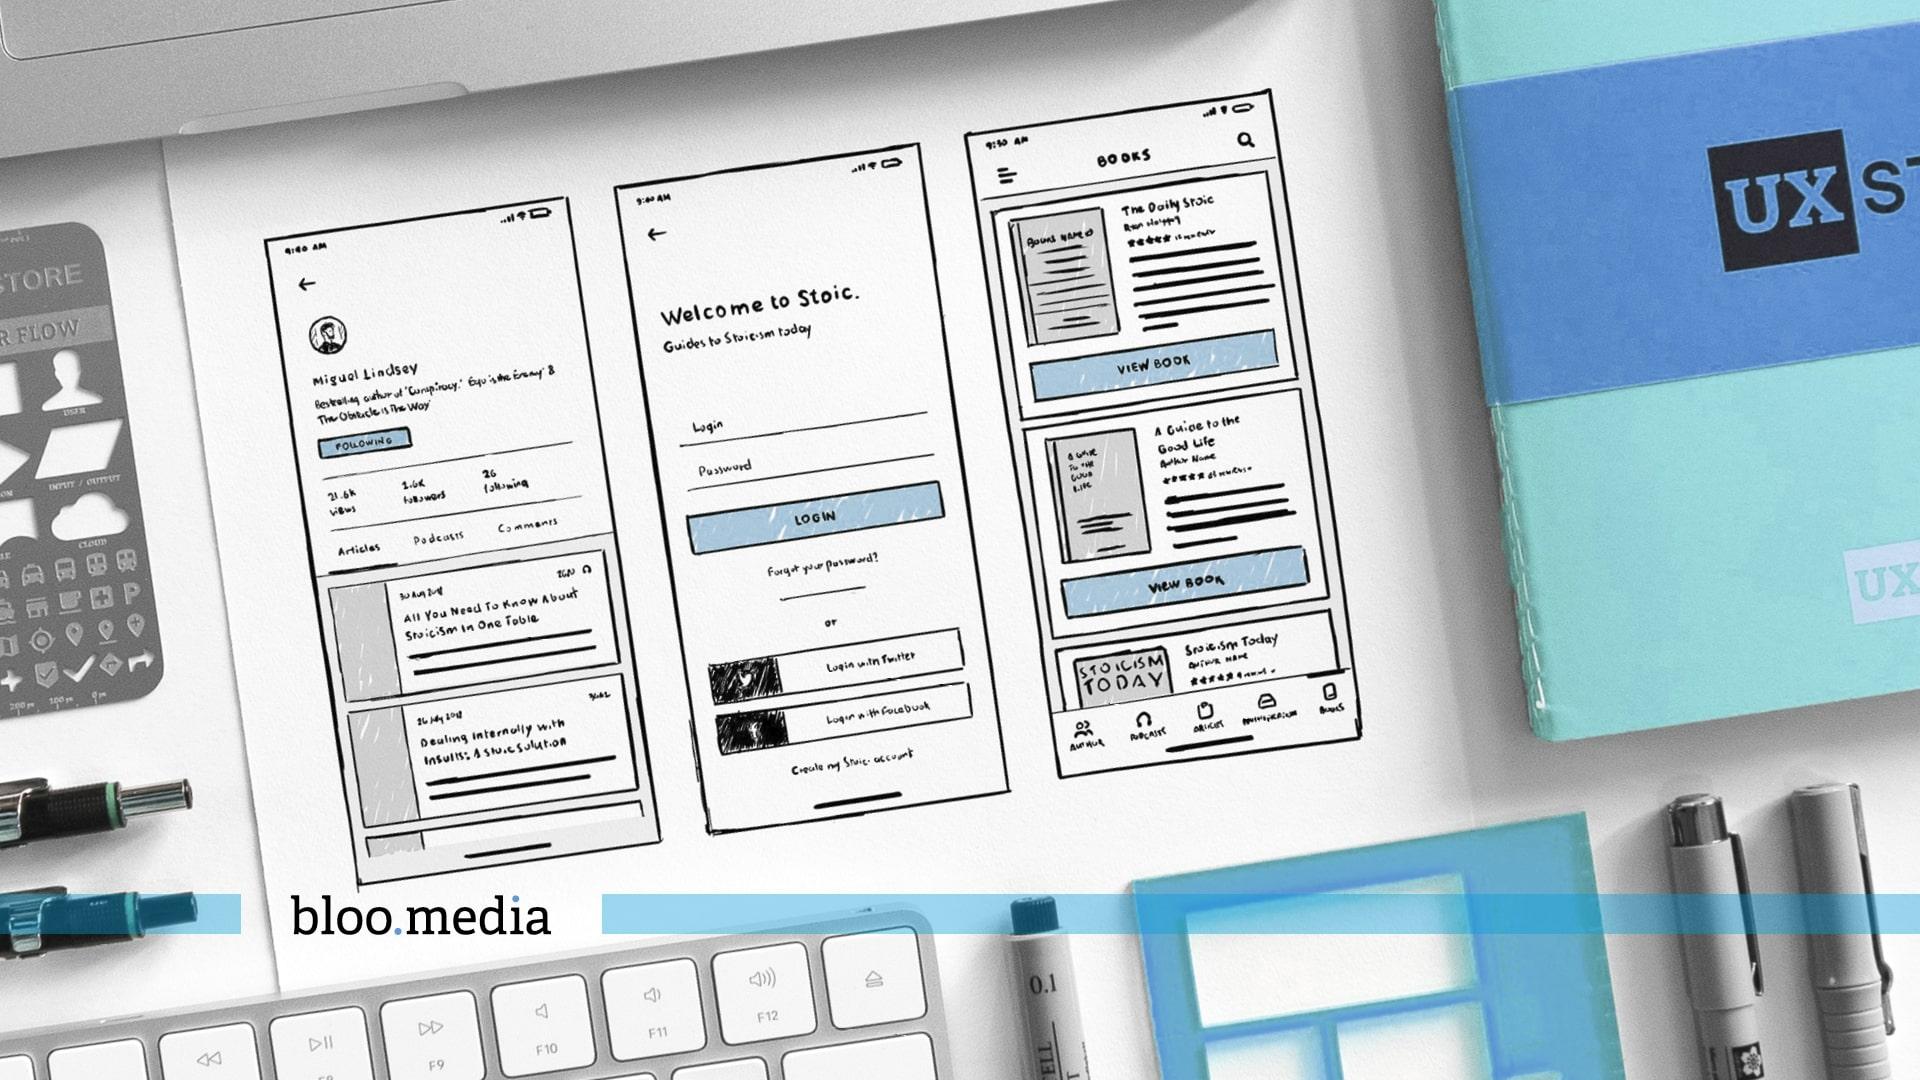 Usabilidad web: ¿Cómo mejorar la experiencia del usuario?